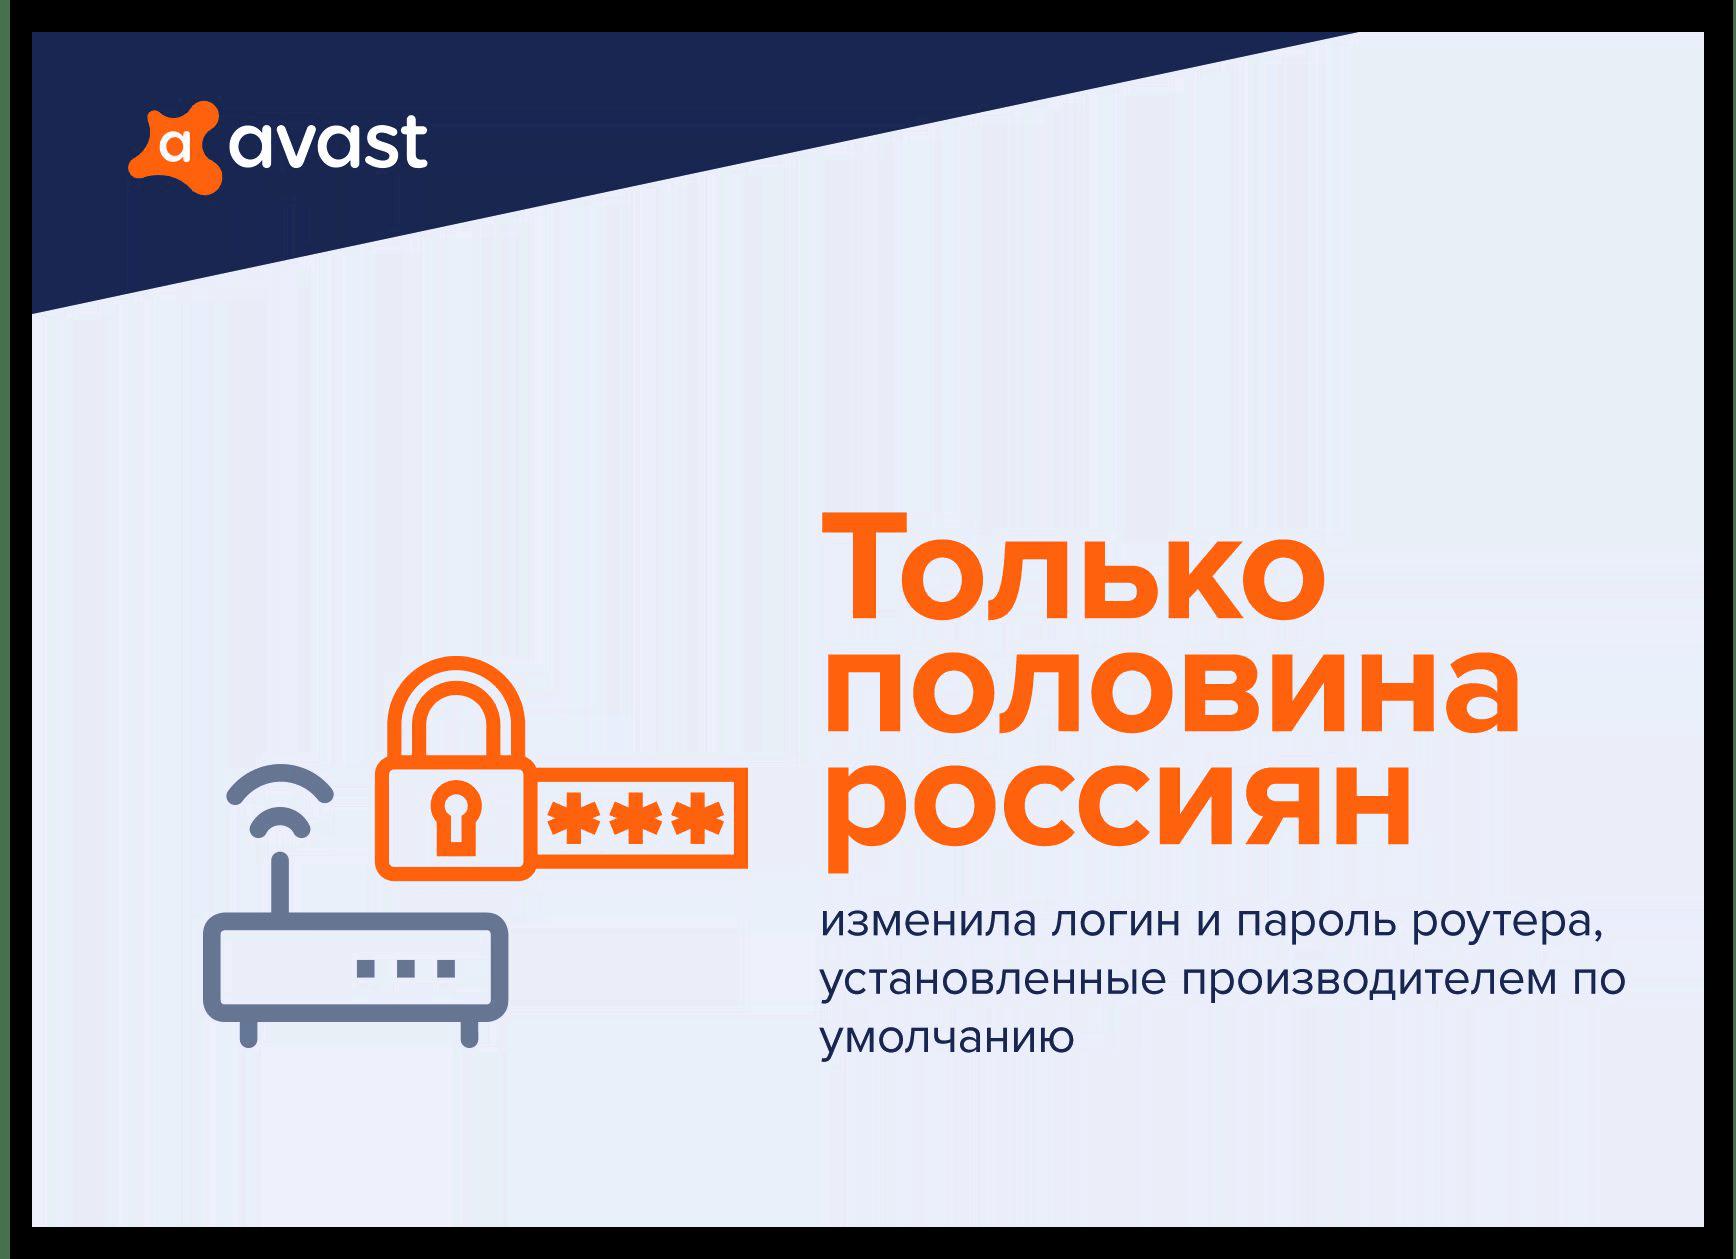 Картинка Предупреждение безопасности Avast